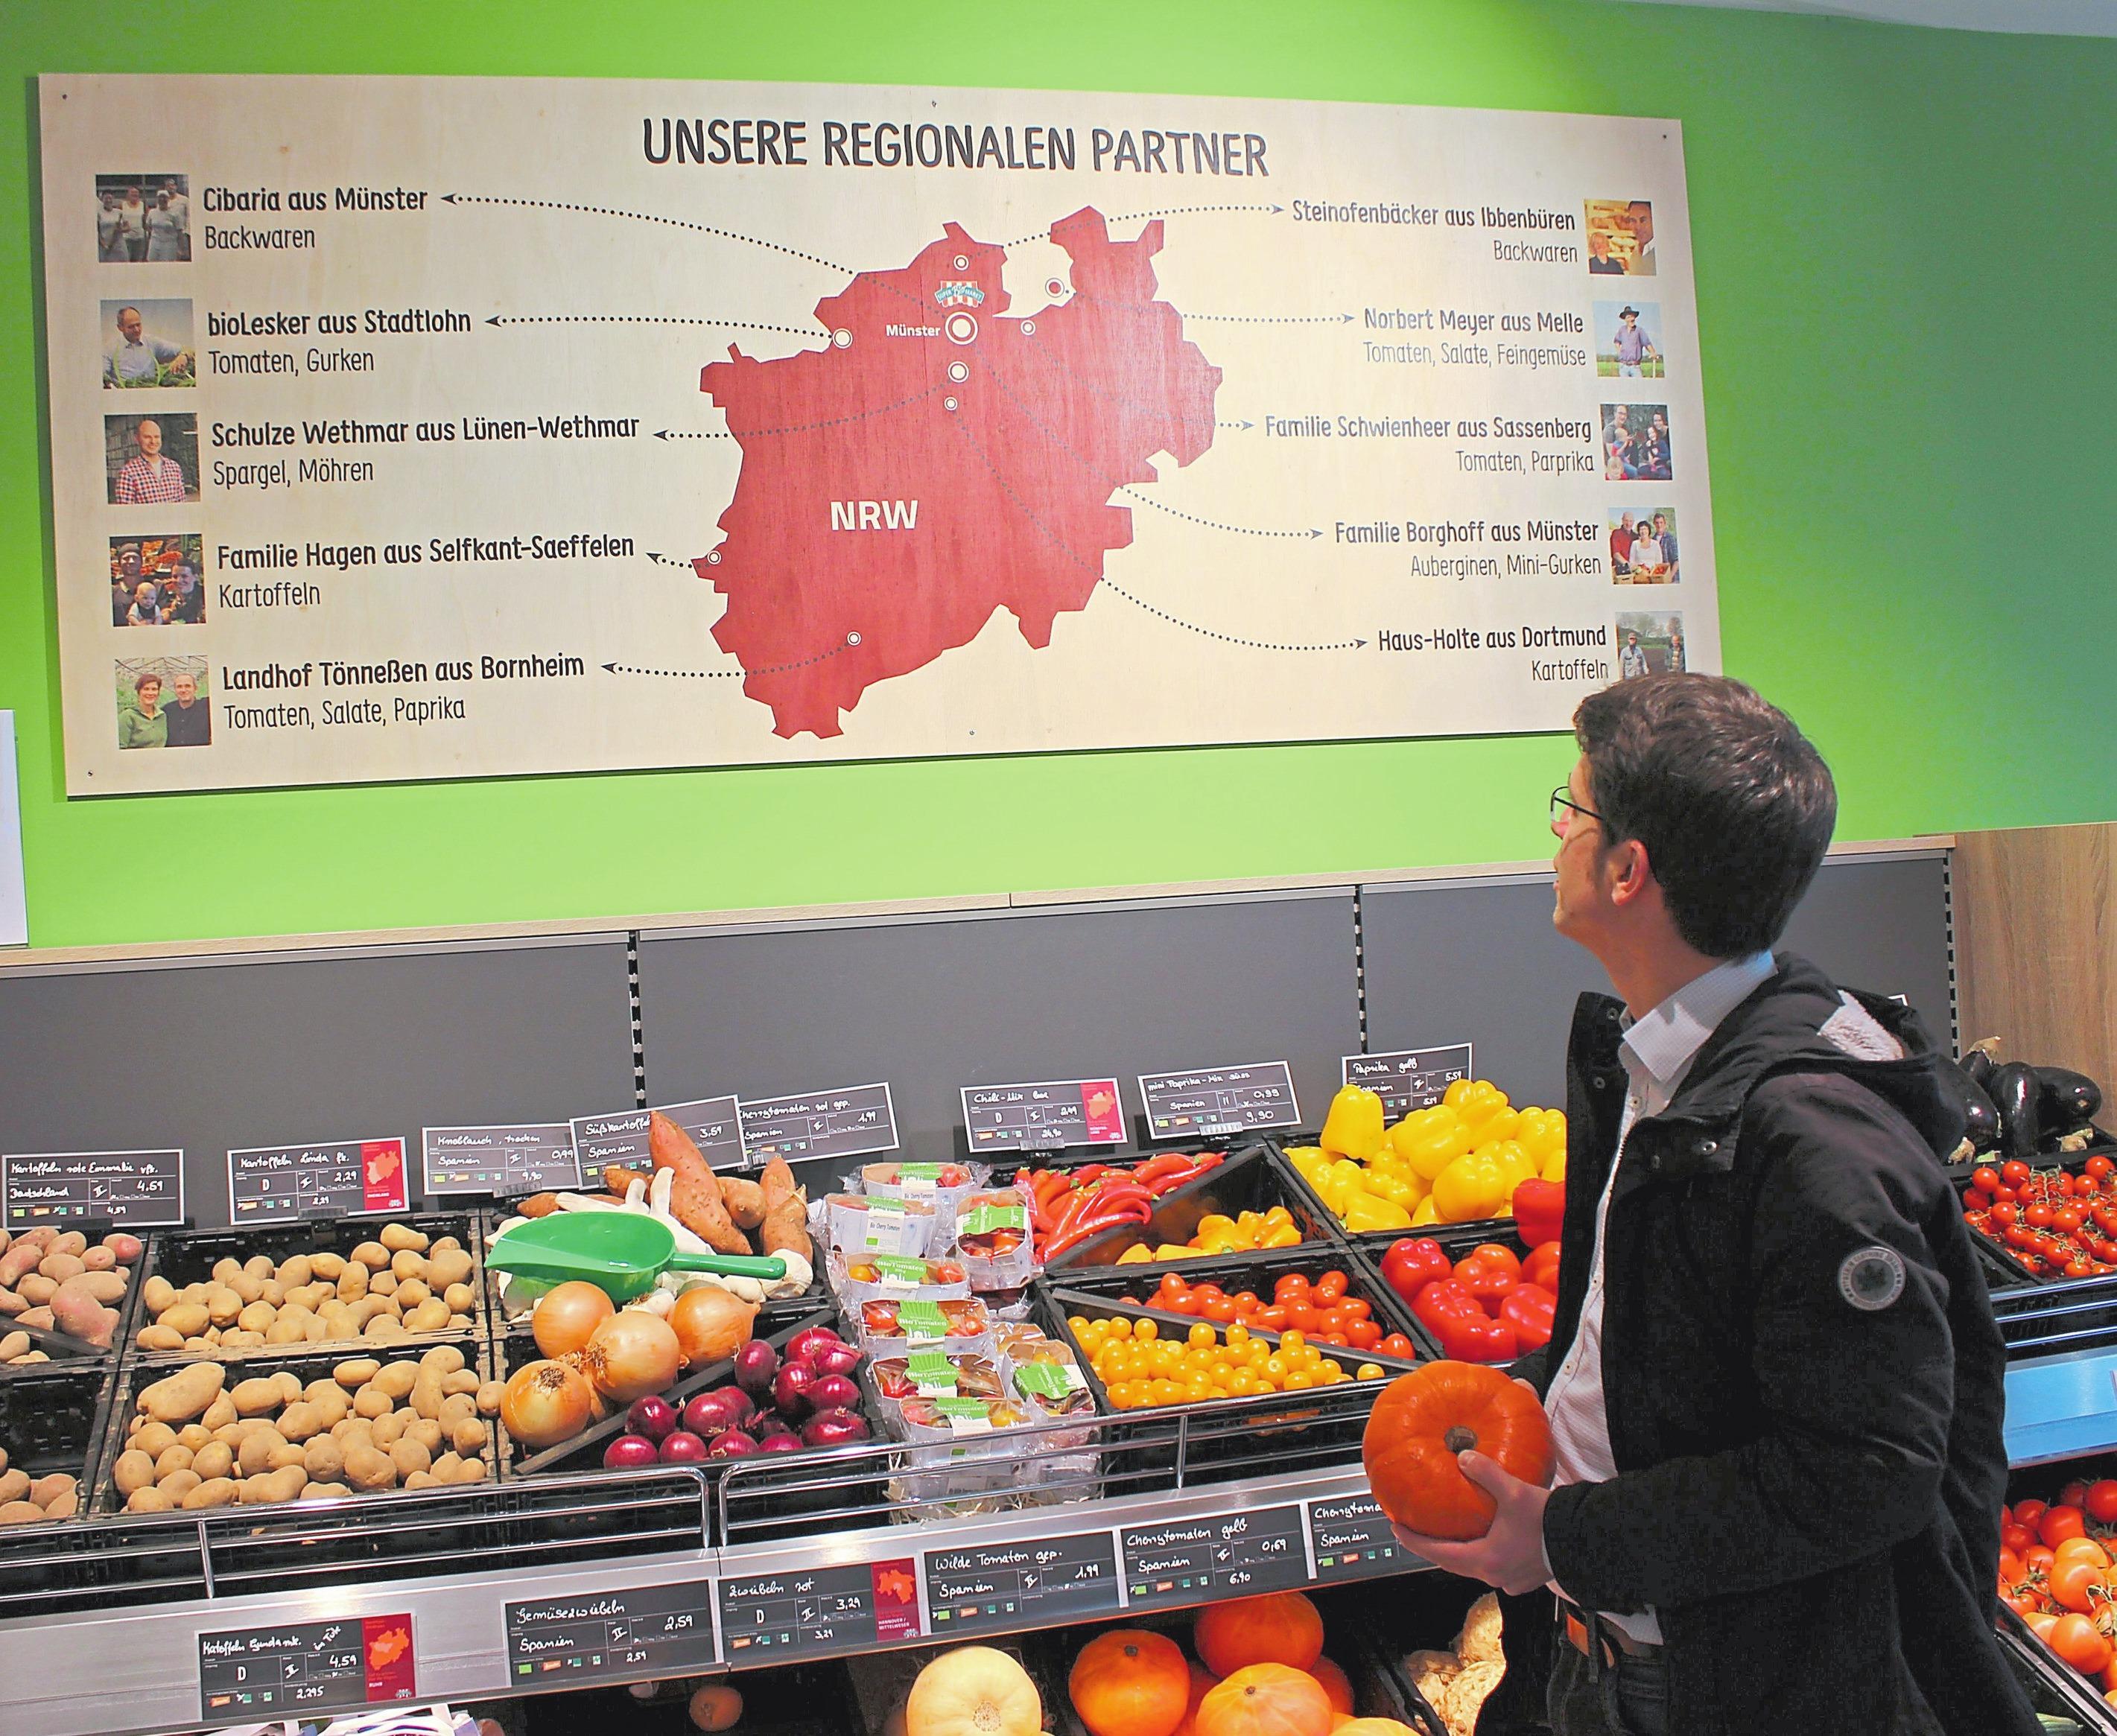 Die Tafel über dem Obst- und Gemüseregal informiert über die verschiedenen regionalen Lieferanten. Foto: kri